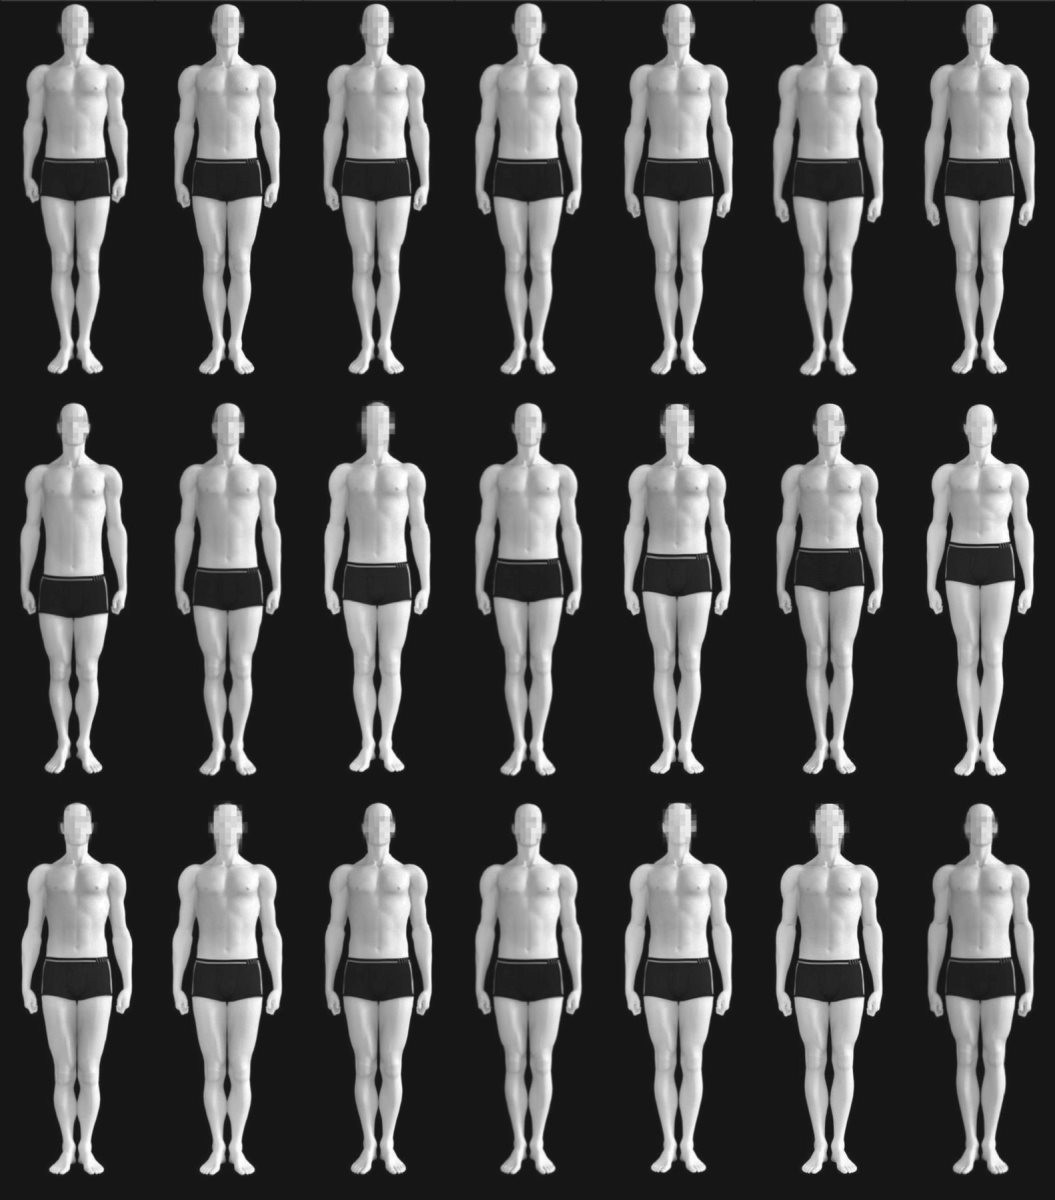 Imagen que los investigadores utilizaron para evaluar las apreciaciones de las mujeres heterosexuales (Foto Prensa Libre: The Royal Society Open Science).